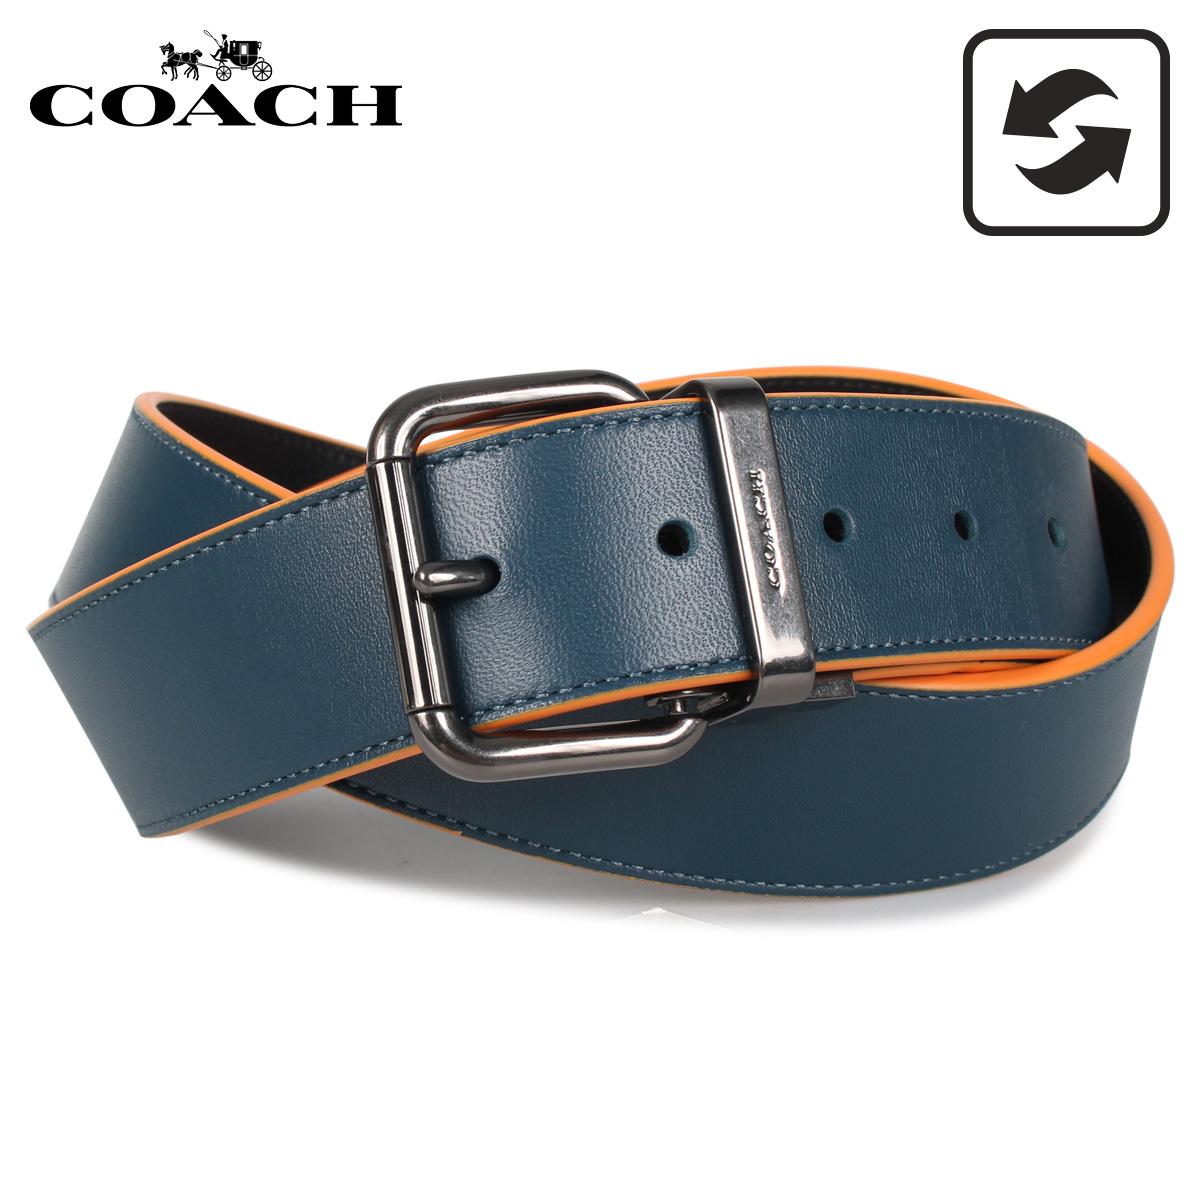 コーチ COACH ベルト レザーベルト メンズ リバーシブル ブラック ブルー 黒 91233 [3/19 新入荷]